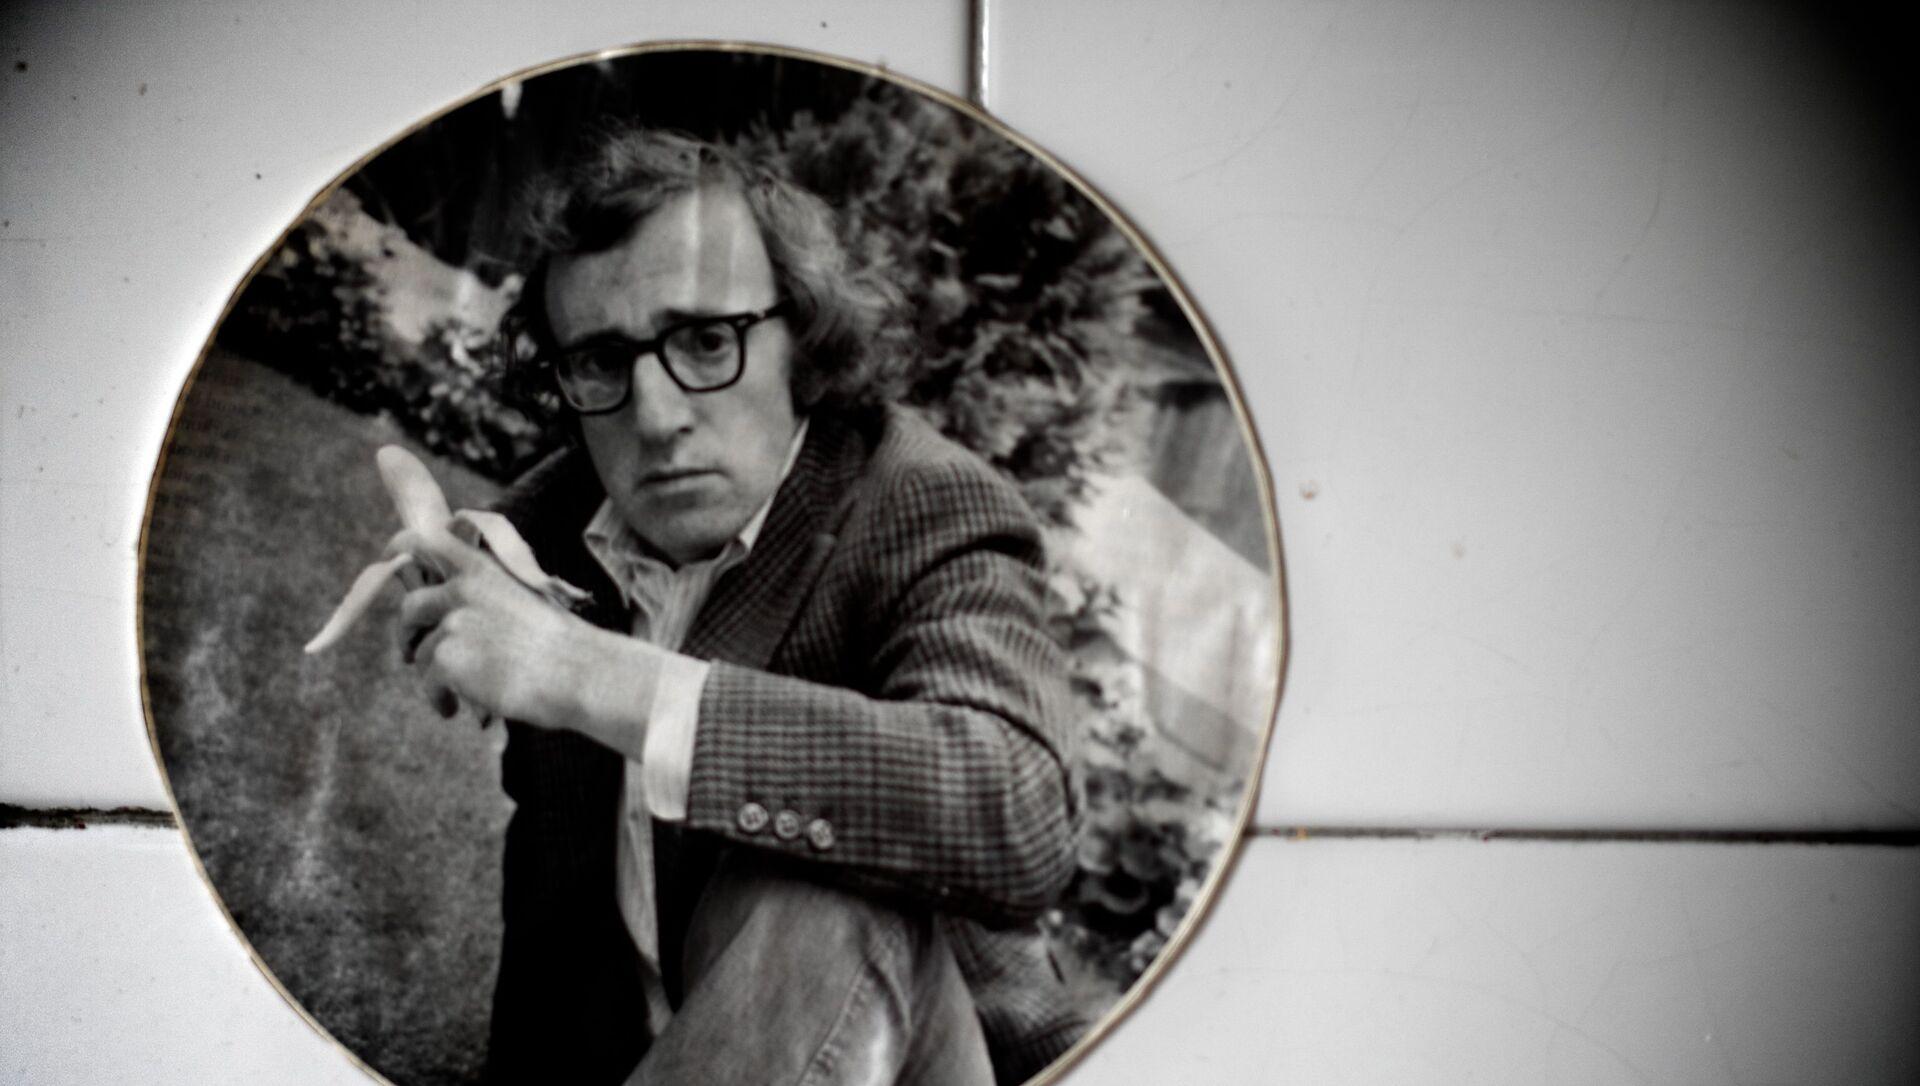 Una imagen de Woody Allen - Sputnik Mundo, 1920, 06.12.2020